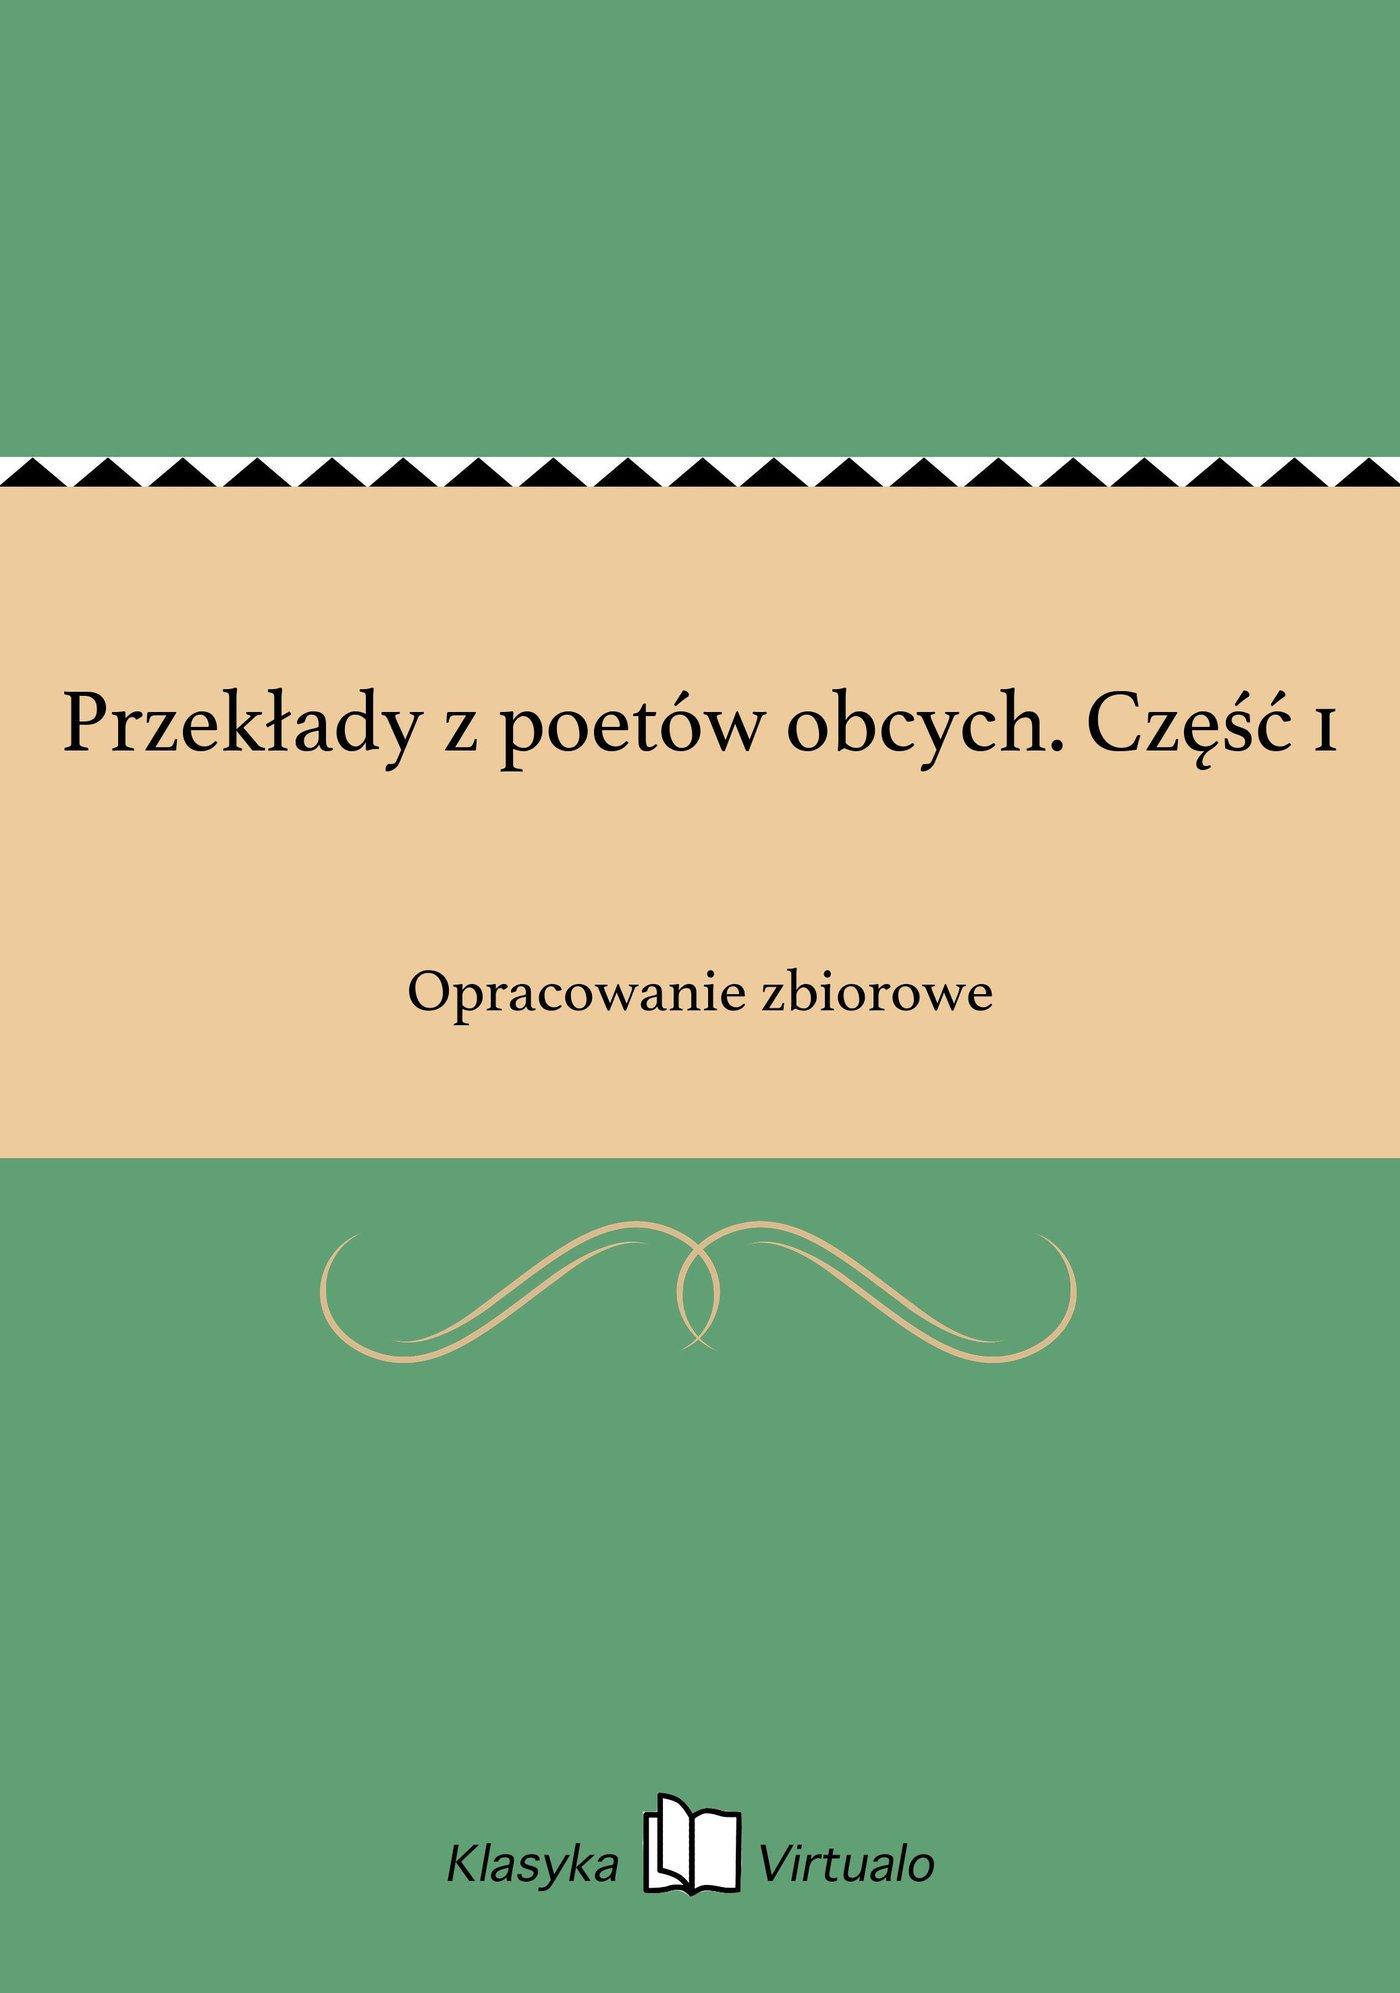 Przekłady z poetów obcych. Część 1 - Ebook (Książka EPUB) do pobrania w formacie EPUB